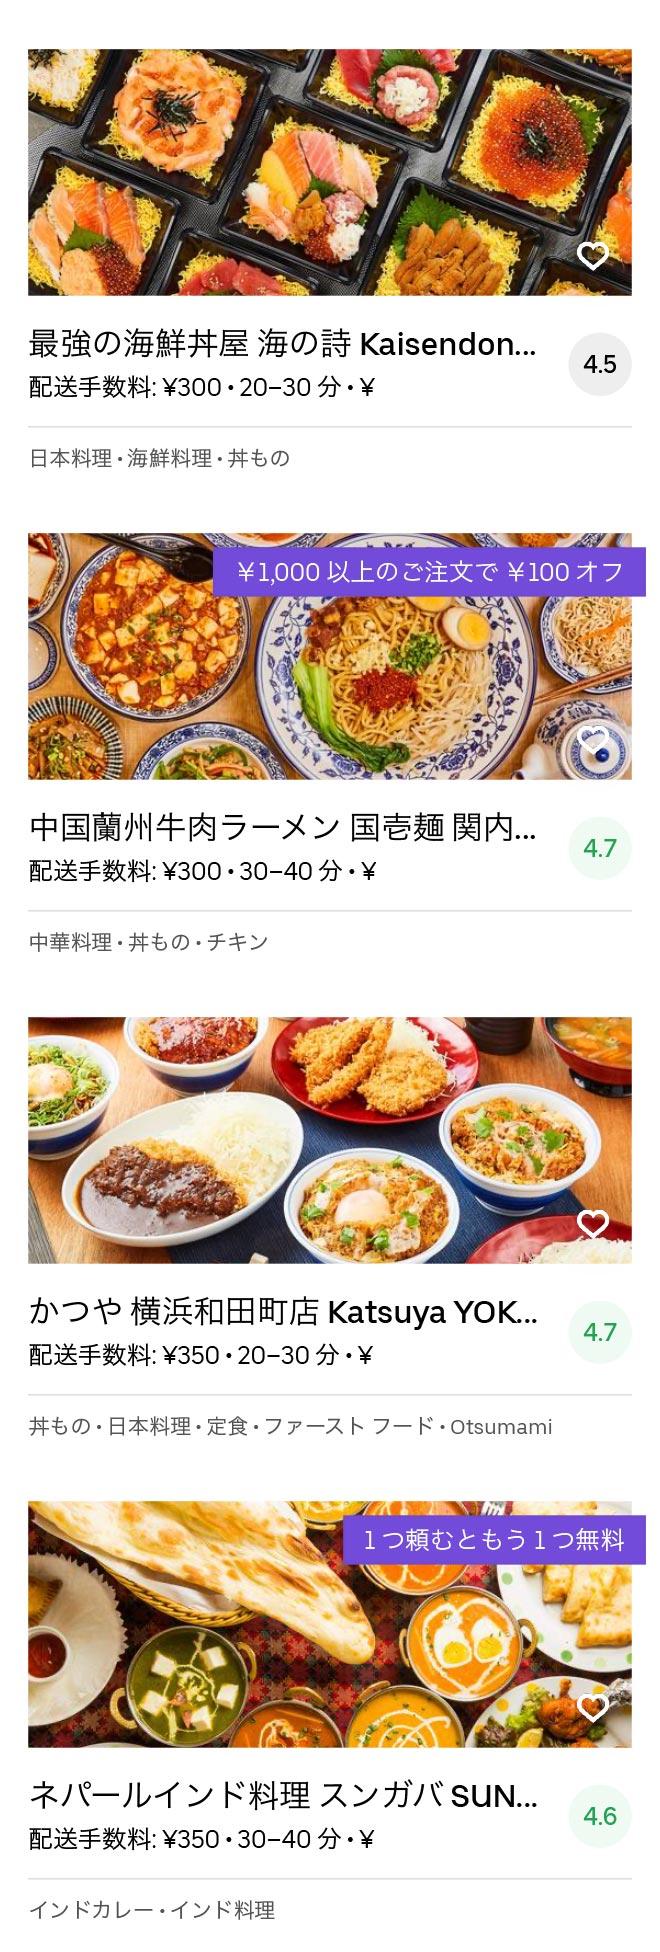 Yokohama hodogaya menu 2004 09